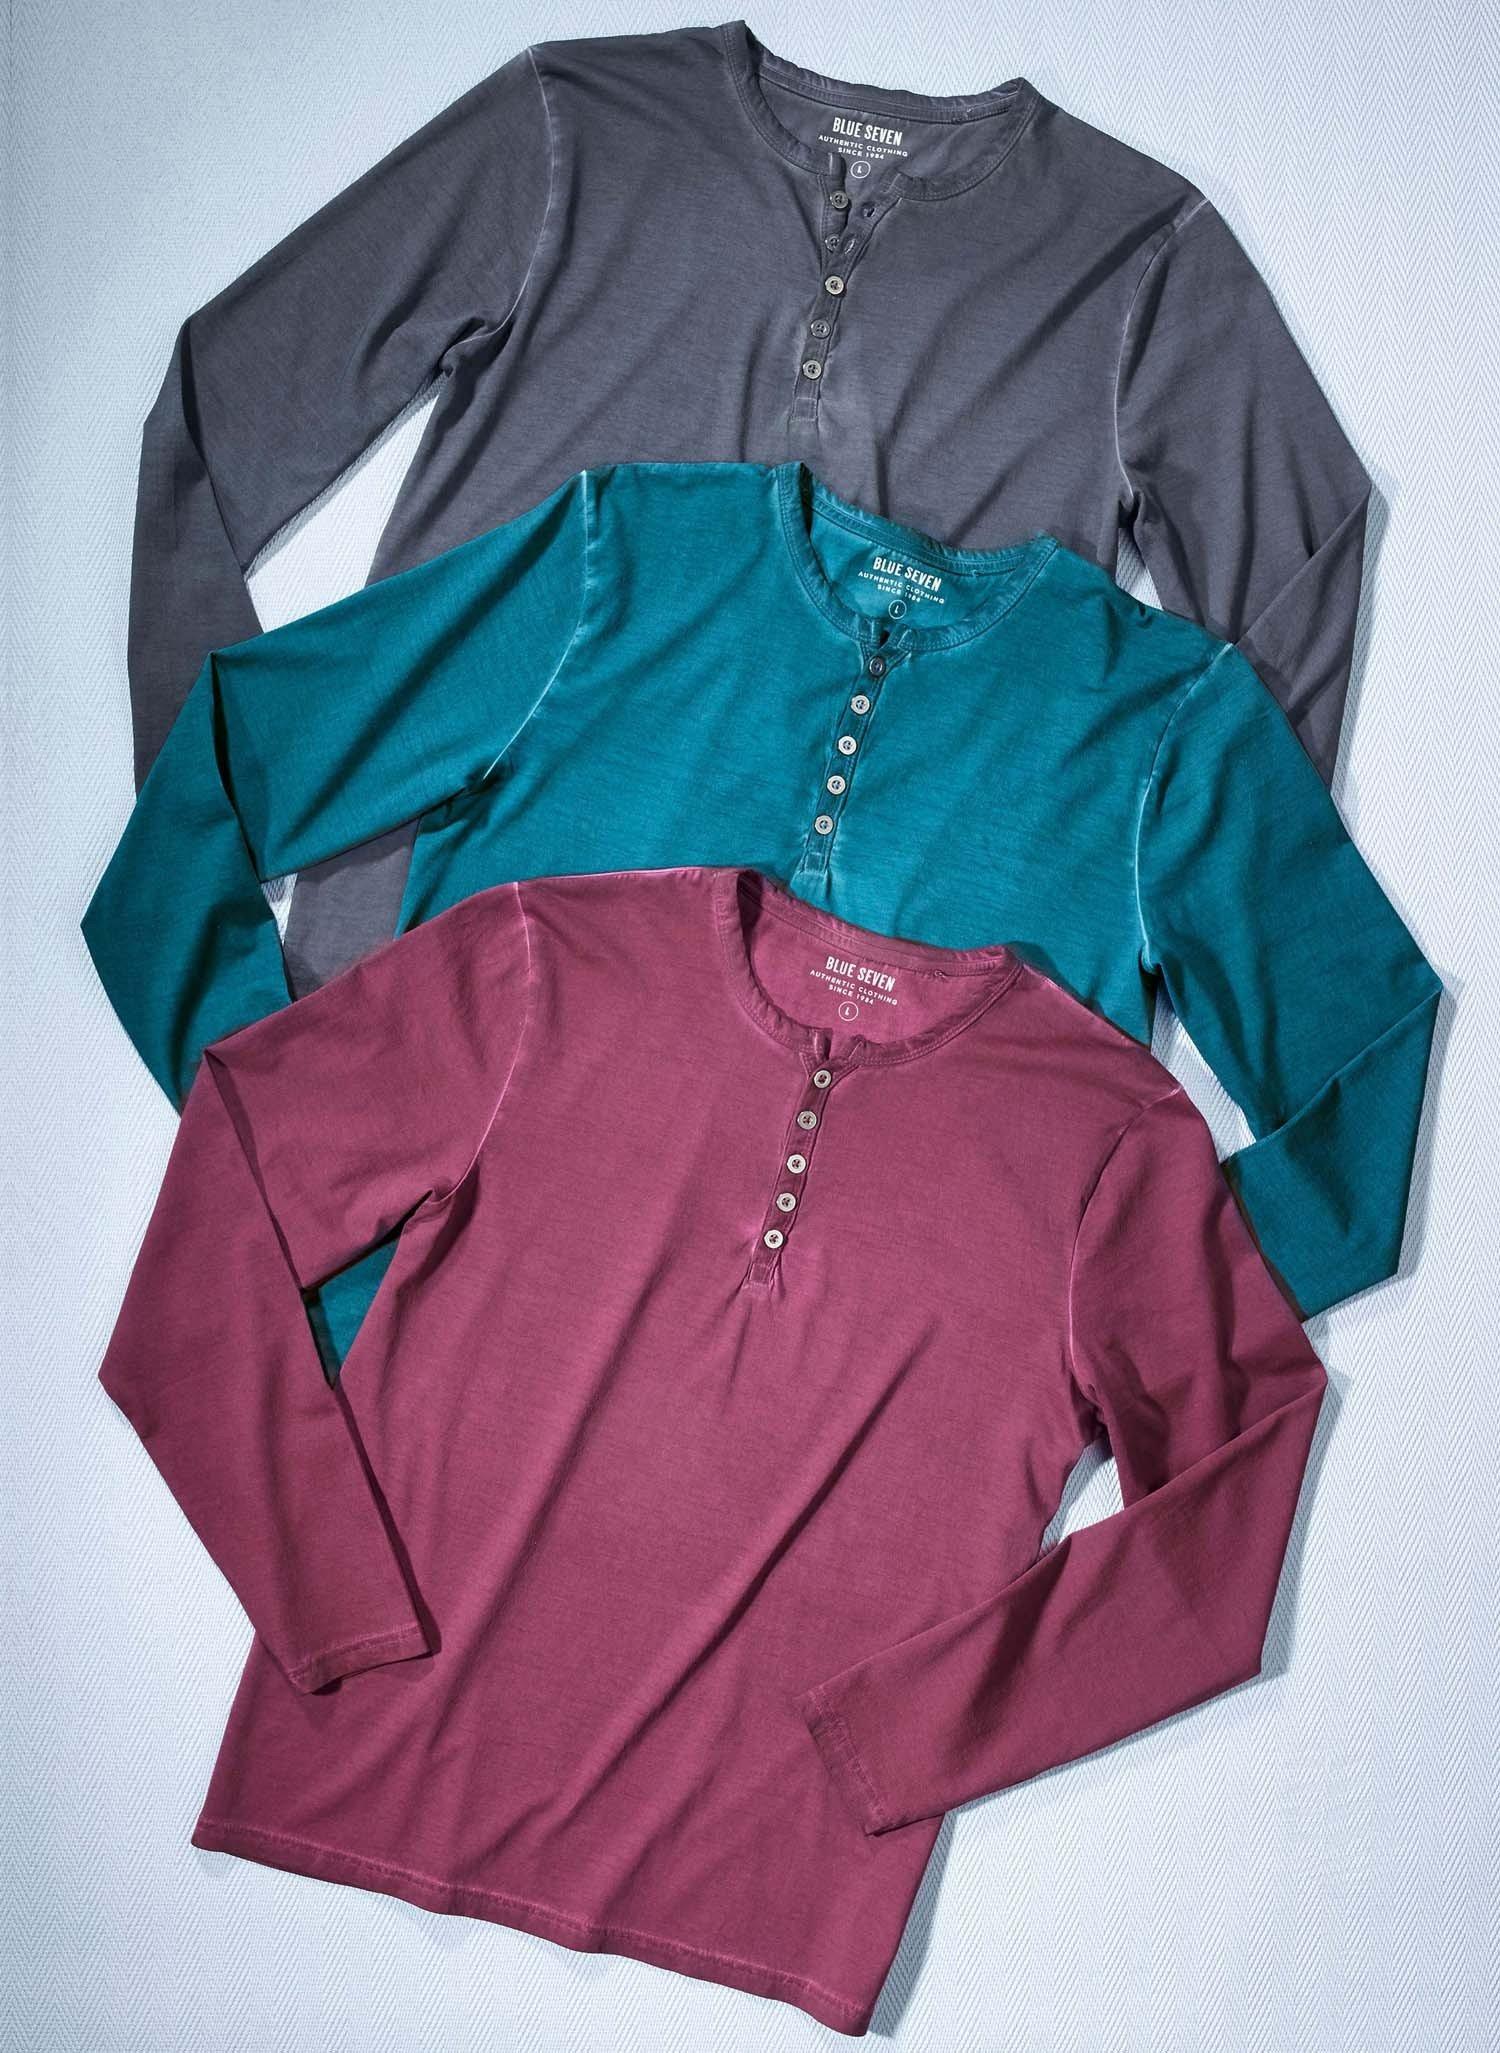 H-LA-Shirt,Pigment,anthrazit L 013 - 2 - Ronja.ch